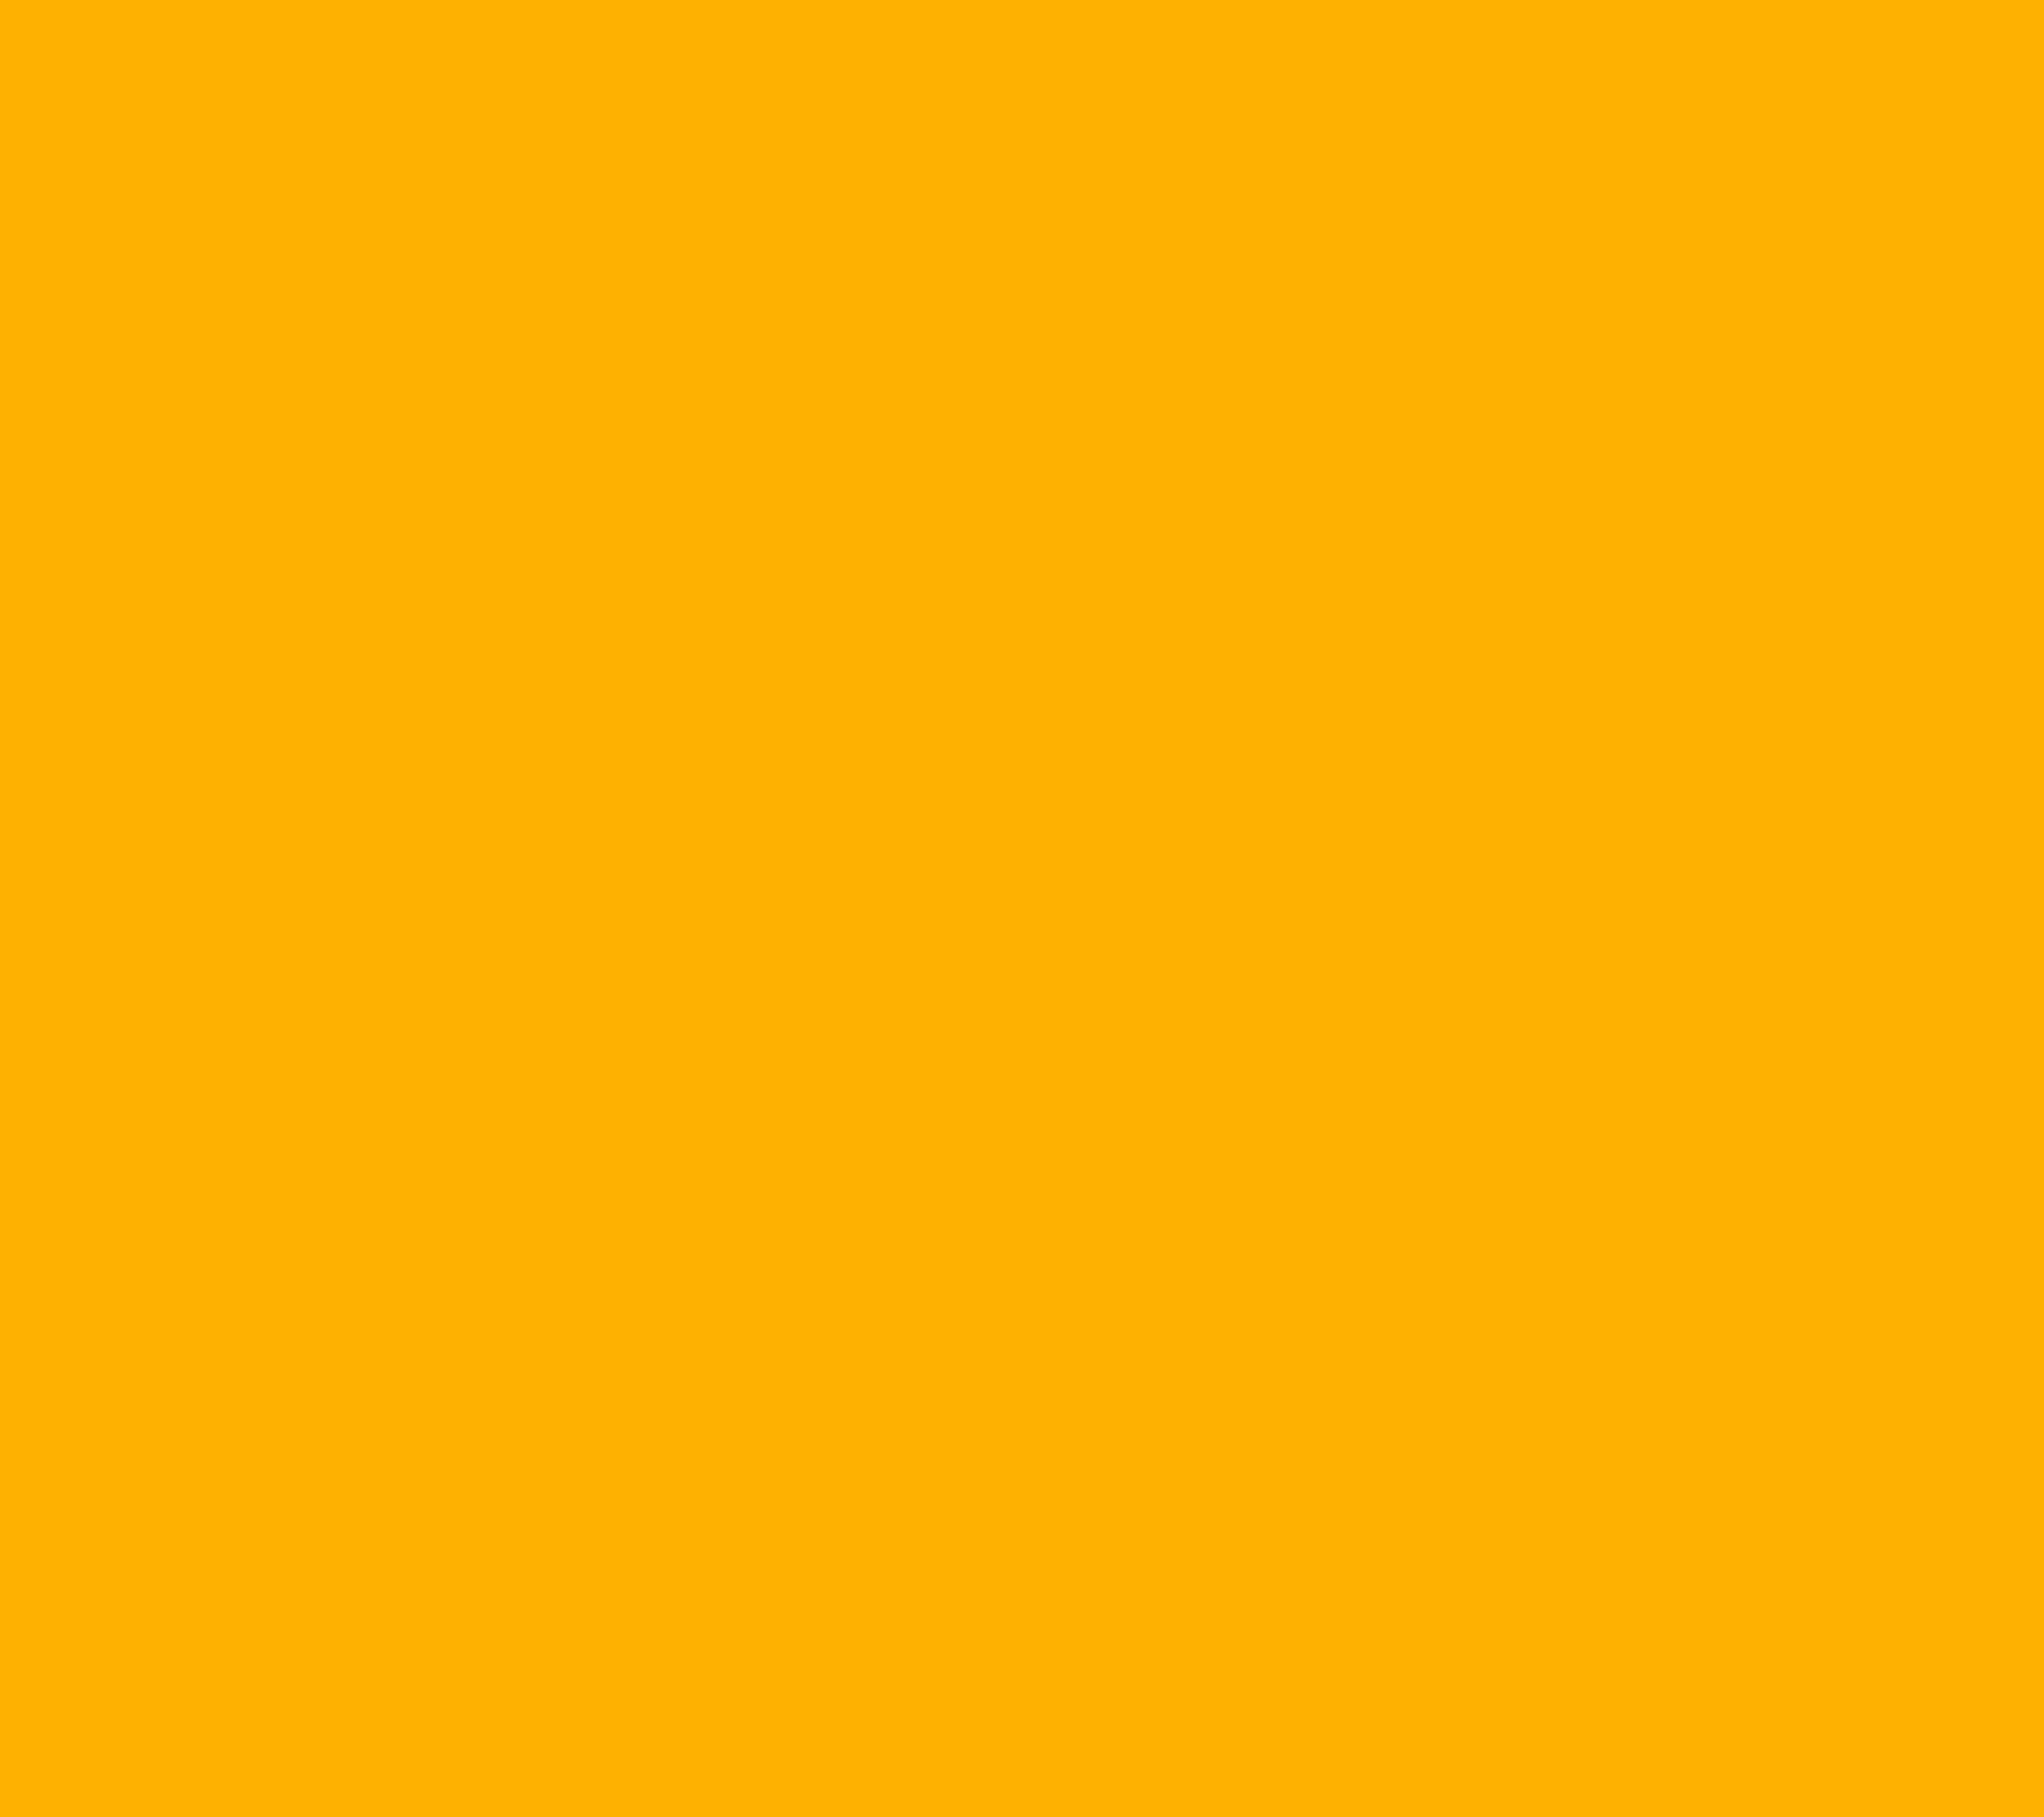 濃い黄色 Android壁紙